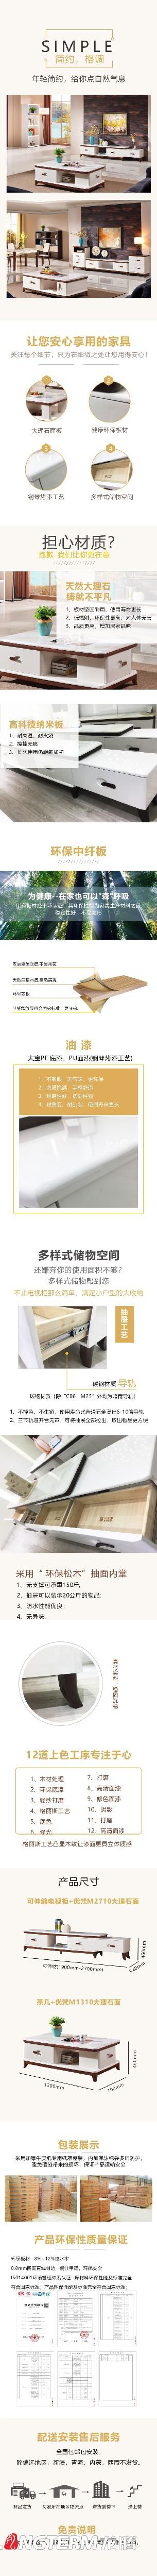 亿阳家私商品详情页设计公司_淘宝家居产品宣传物料设计